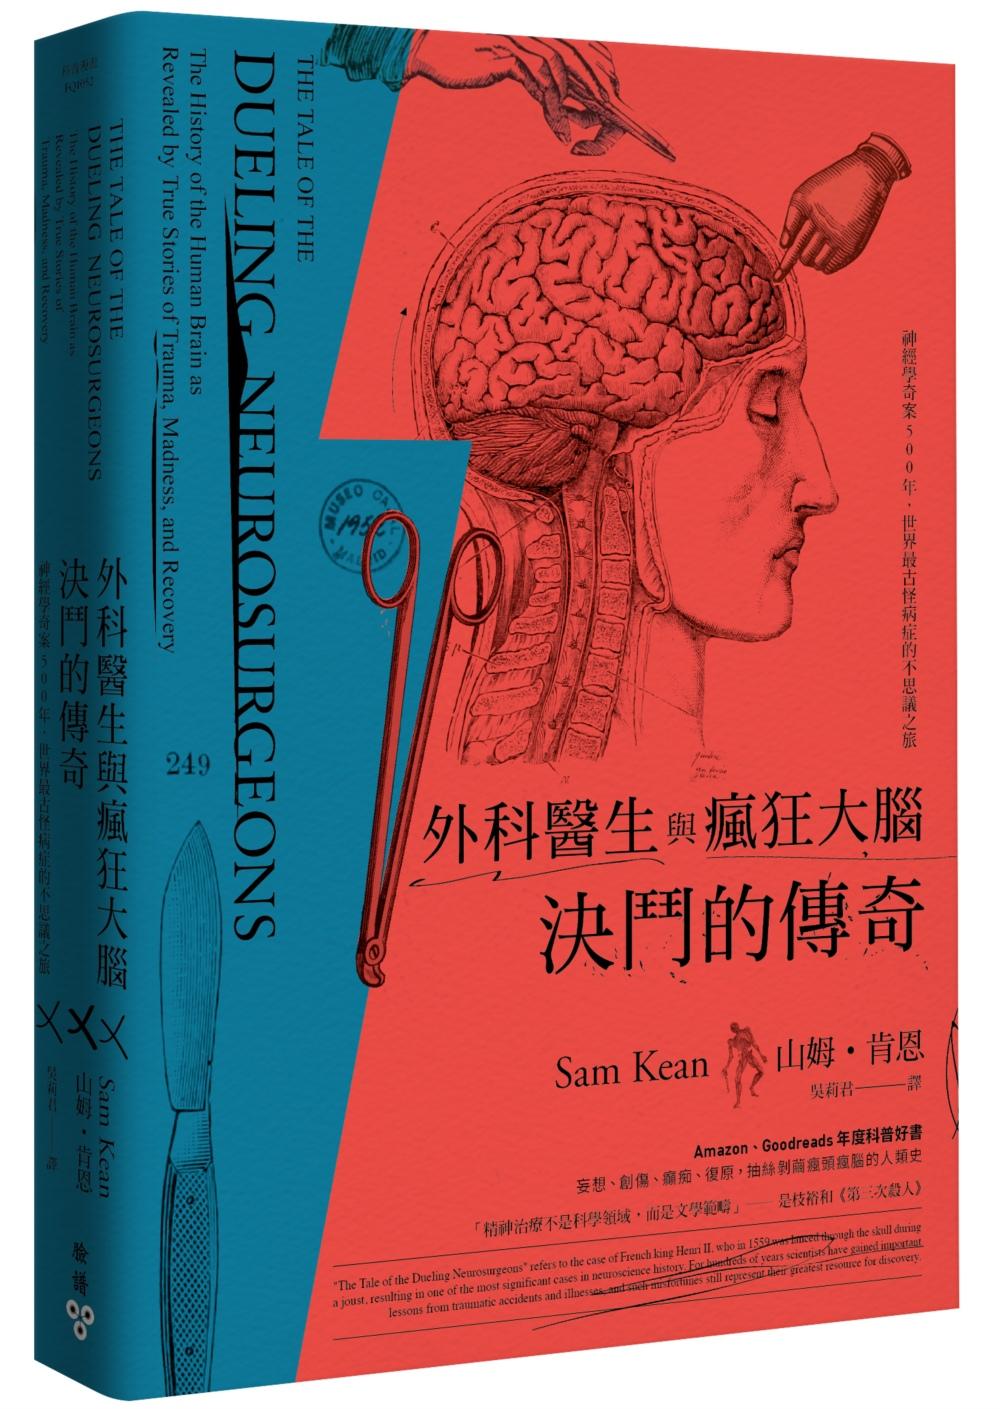 外科醫生與瘋狂大腦決鬥的傳奇:神經學奇案500年,世界最古怪病症的不思議之旅